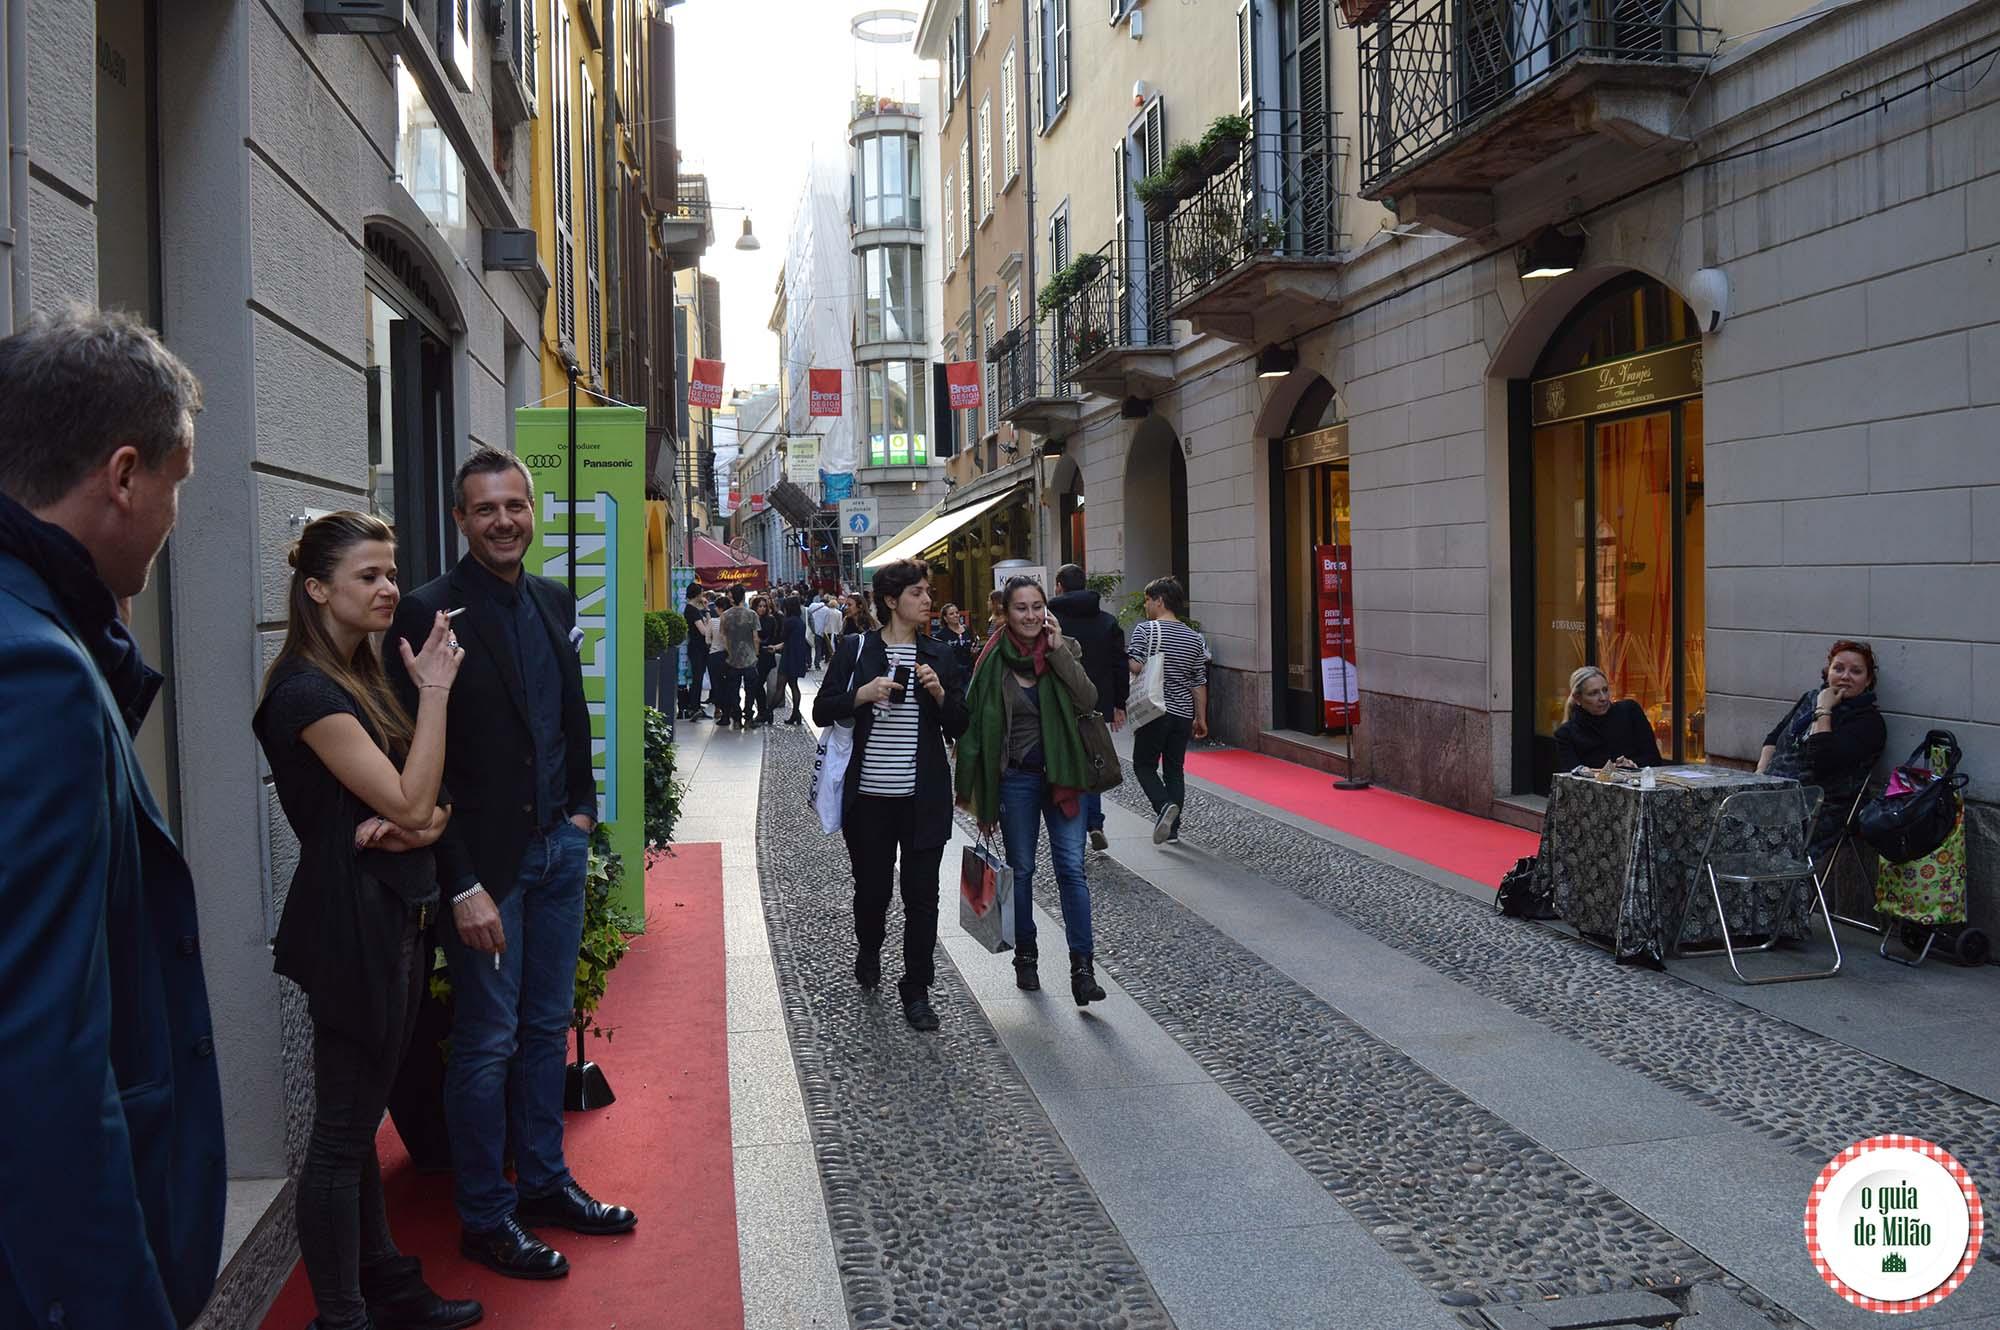 Brera vai inaugurar o Fuorisalone Milano 2019